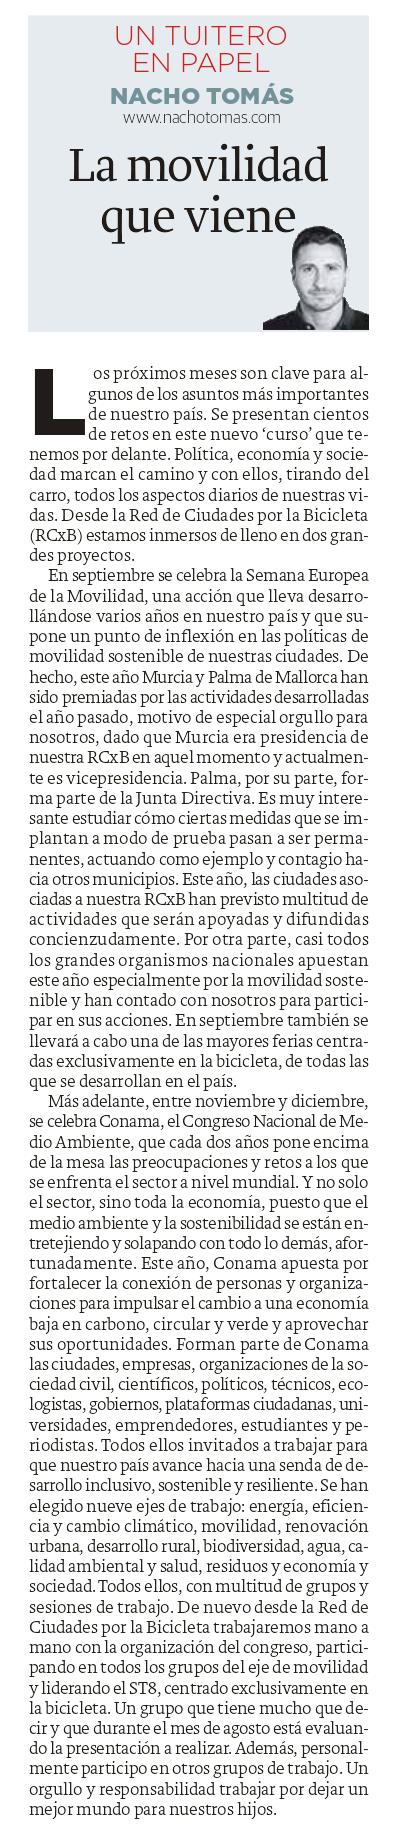 24.08.16 La movilidad que viene - Nacho Tomás - Un tuitero en papel - La Verdad de Murcia